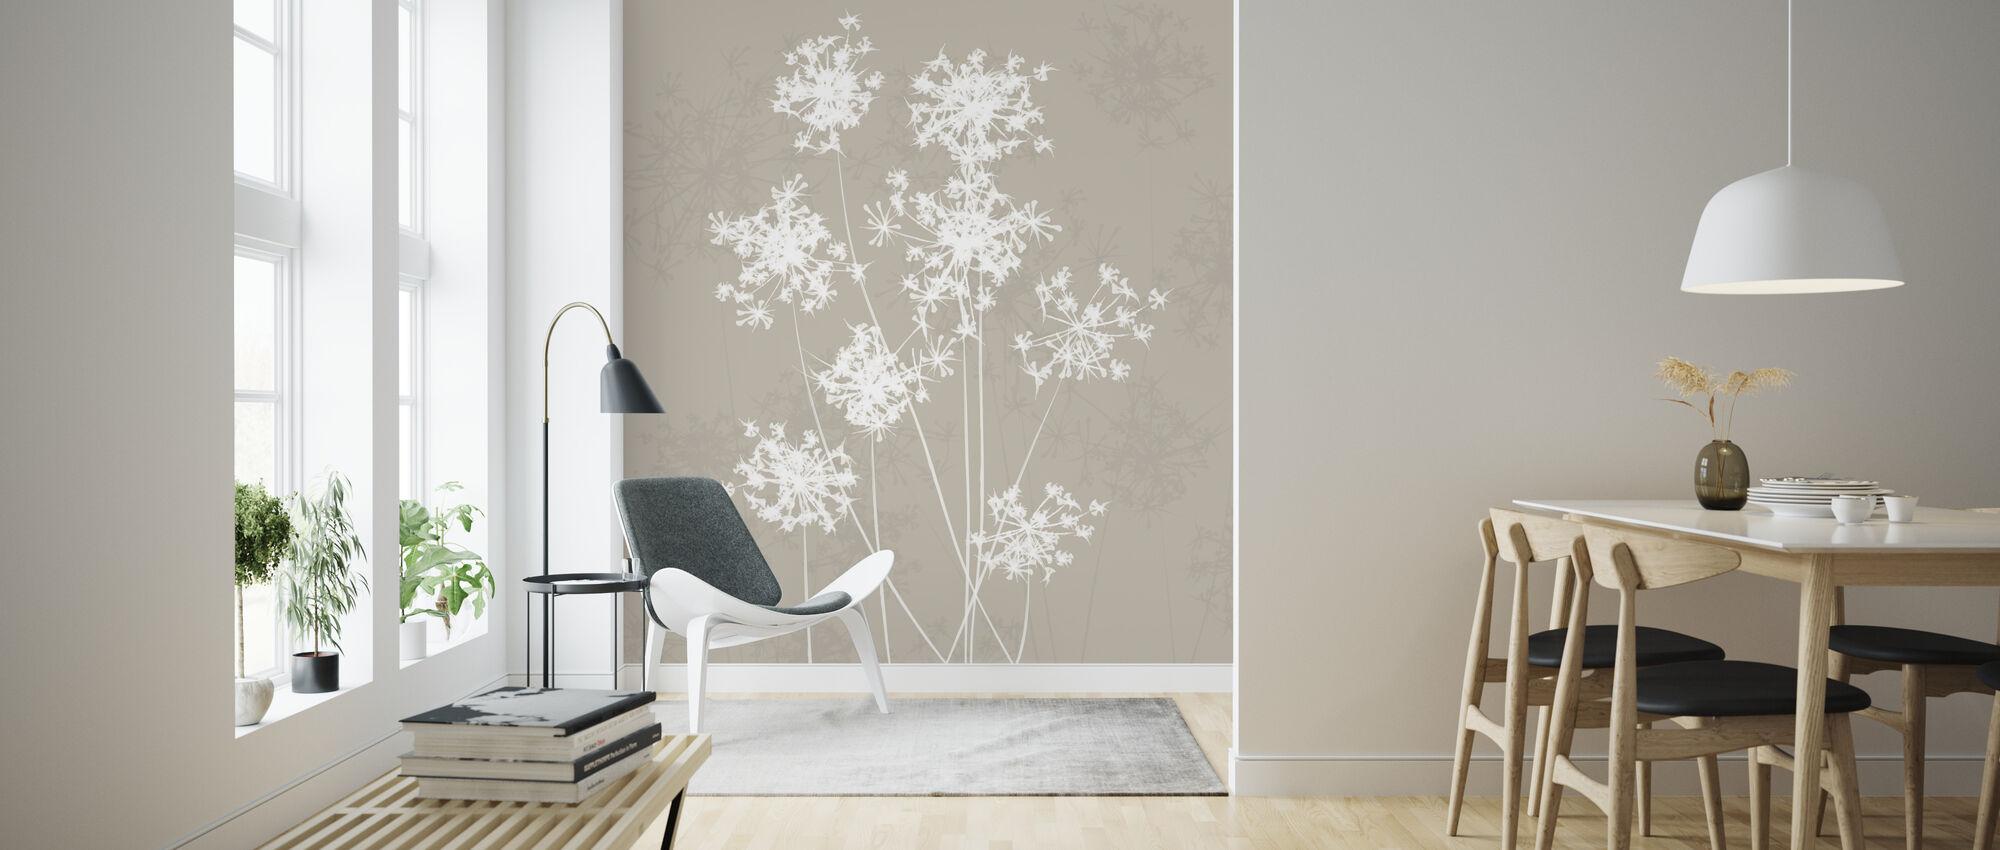 Dandelions - Beige - Wallpaper - Living Room